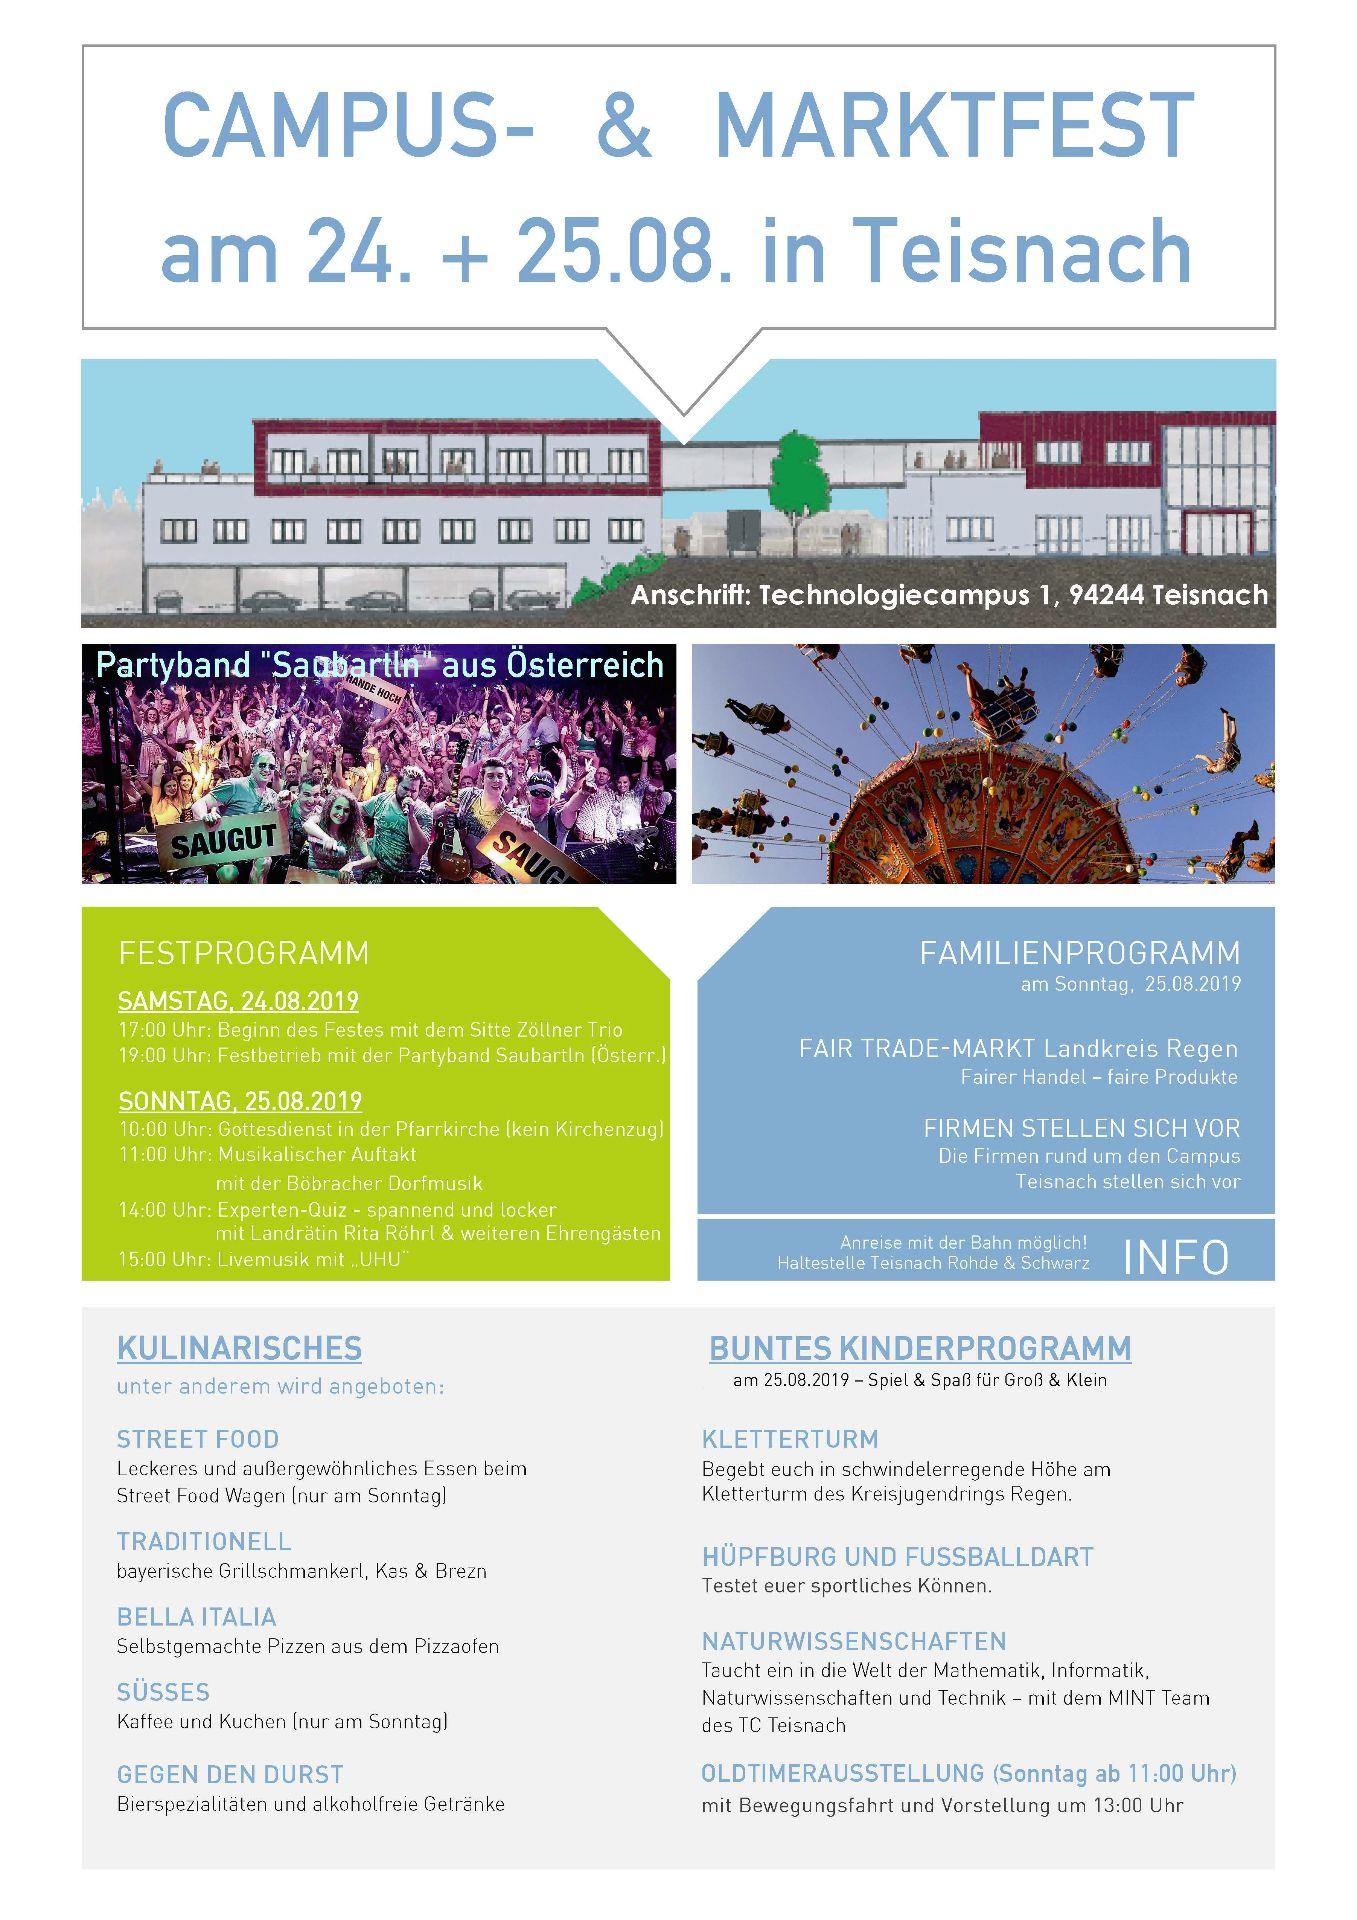 Programm Campus- und Marktfest